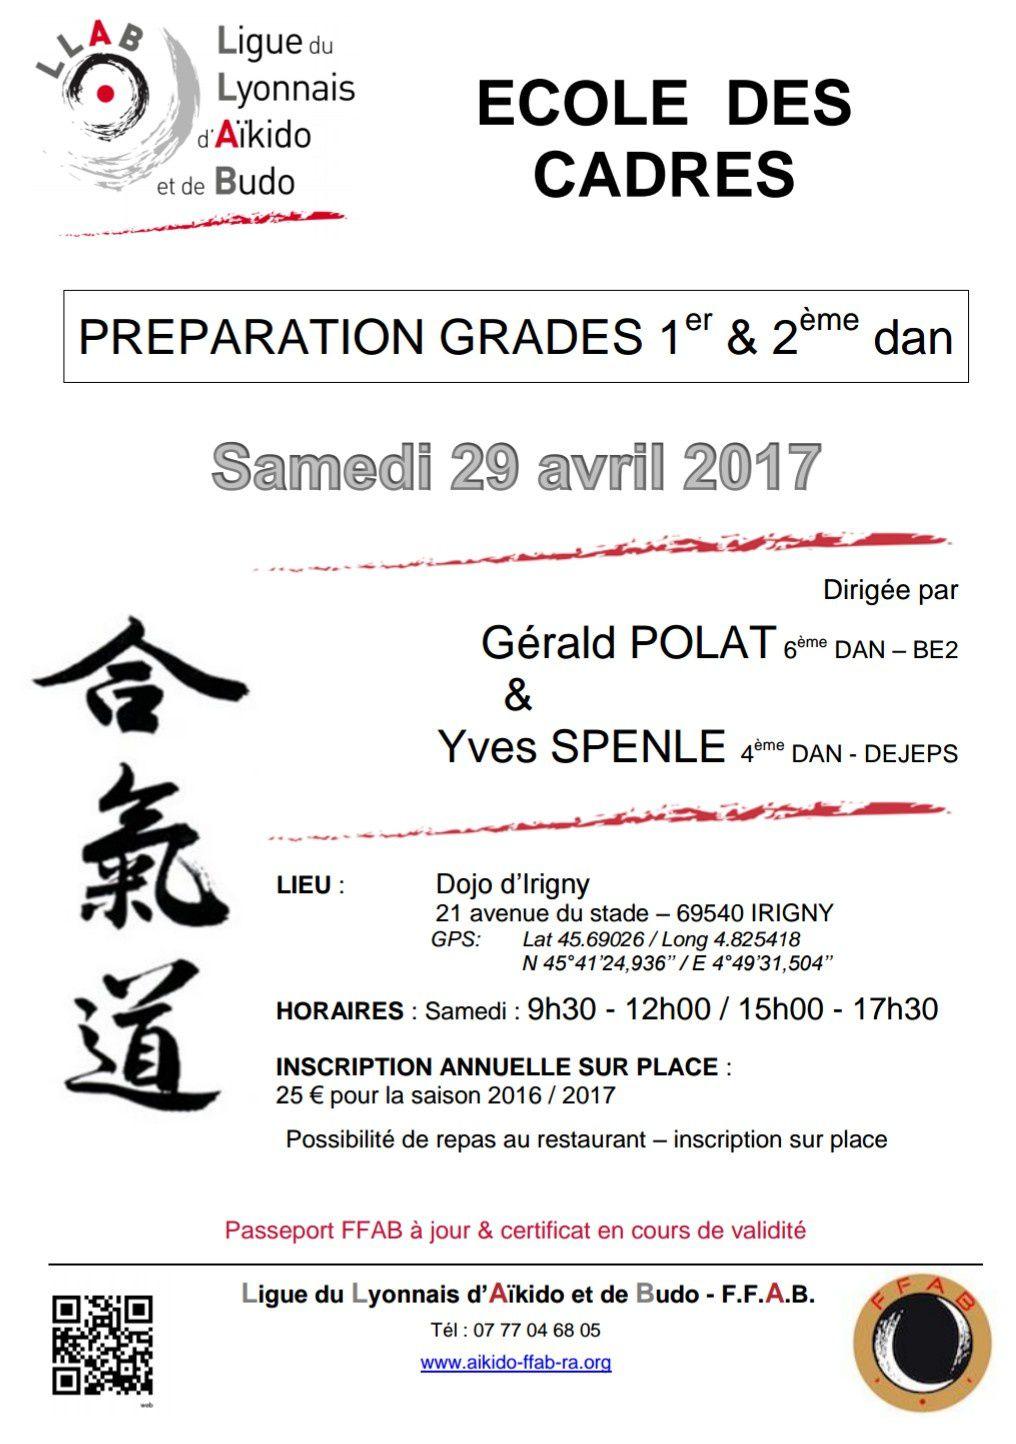 École des Cadres Samedi 29 Avril 2017 préparation 1er et 2ème Dan dirigée par Gérald Polat 6ème Dan et Yves Spenlé 4ème Dan à Irigny 69540